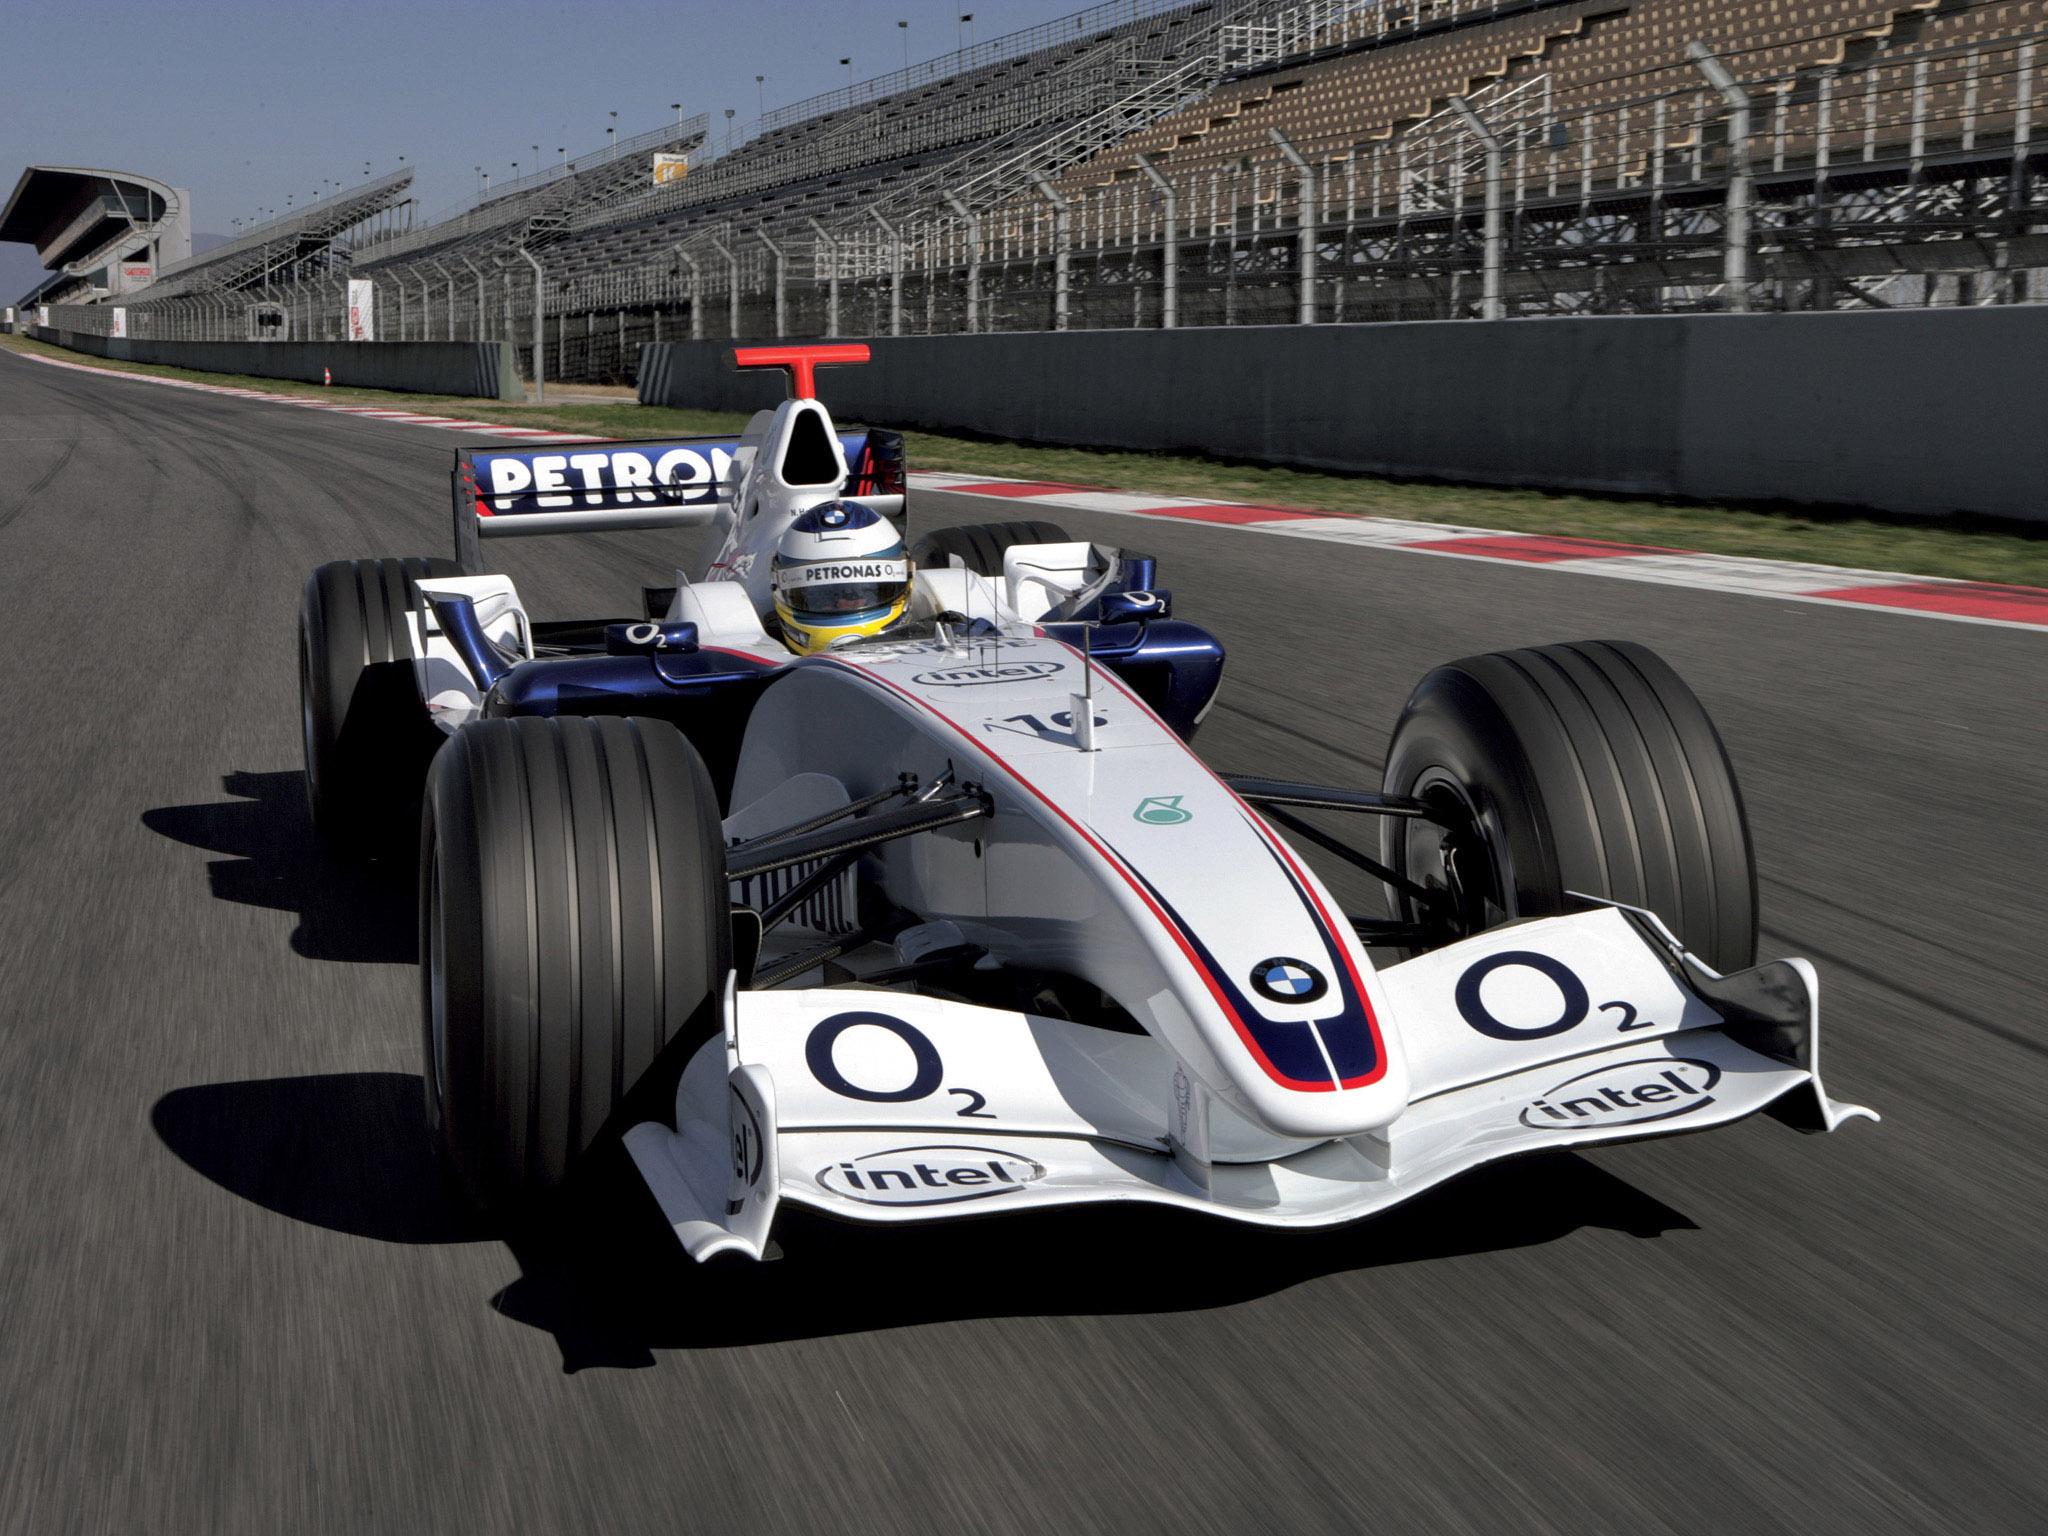 2005 végén szakítottak Frank Williams-szel, 2006-ra megvették Peter Sauber csapatát és 2009-ig BMW Sauber néven gyári csapatként versenyeztek. Velük szerezte meg egyetlen futamgyőzelmét Robert Kubica, de a BMW-nél ért véget Jacques Villeneuve pályafutása és ugyanitt kezdődött el Sebastian Vettel F1-es karrierje is.